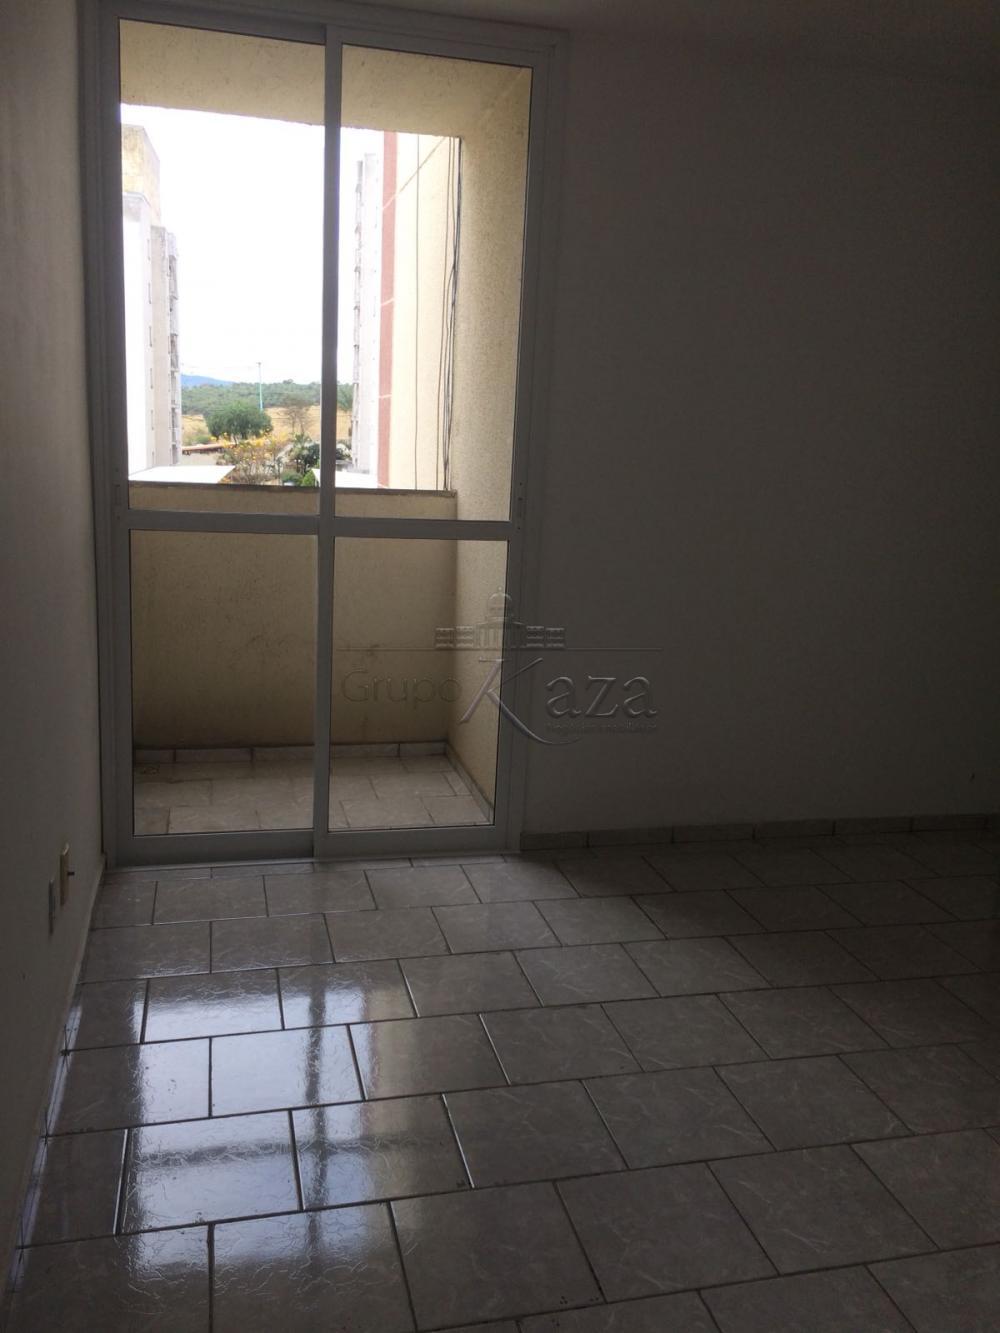 Comprar Apartamento / Padrão em São José dos Campos apenas R$ 150.000,00 - Foto 2